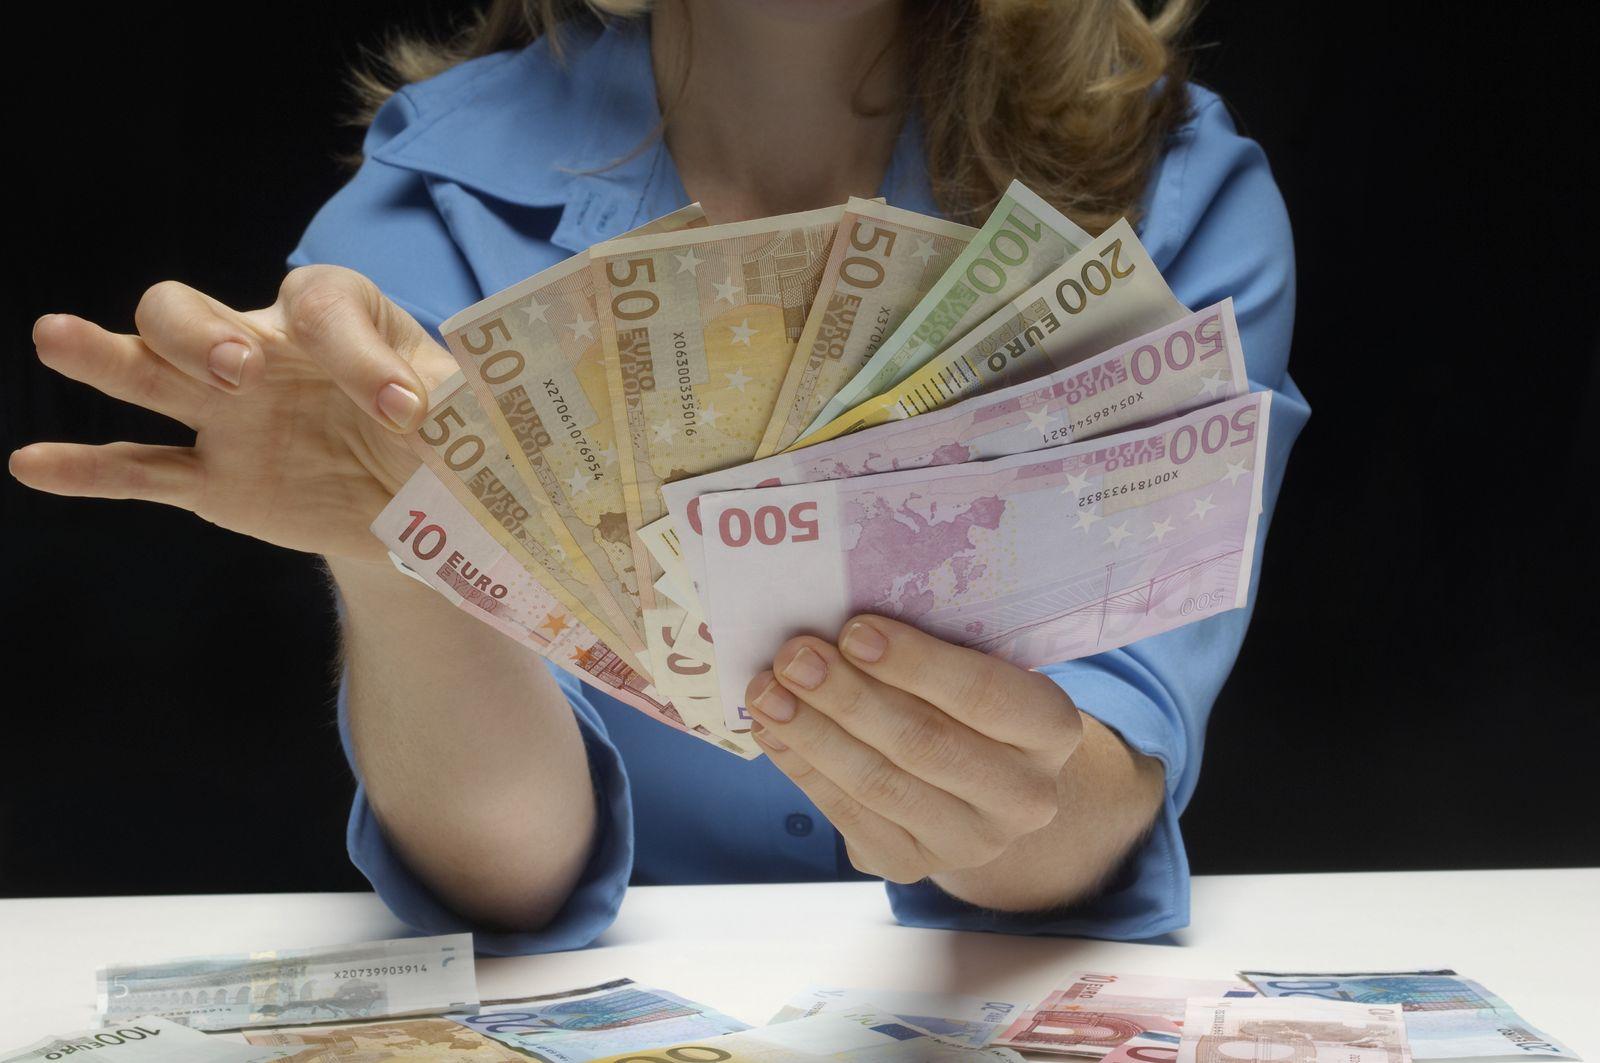 NICHT MEHR VERWENDEN! - Frau zählt Geld / Geldscheine / Euroscheine / Banknoten